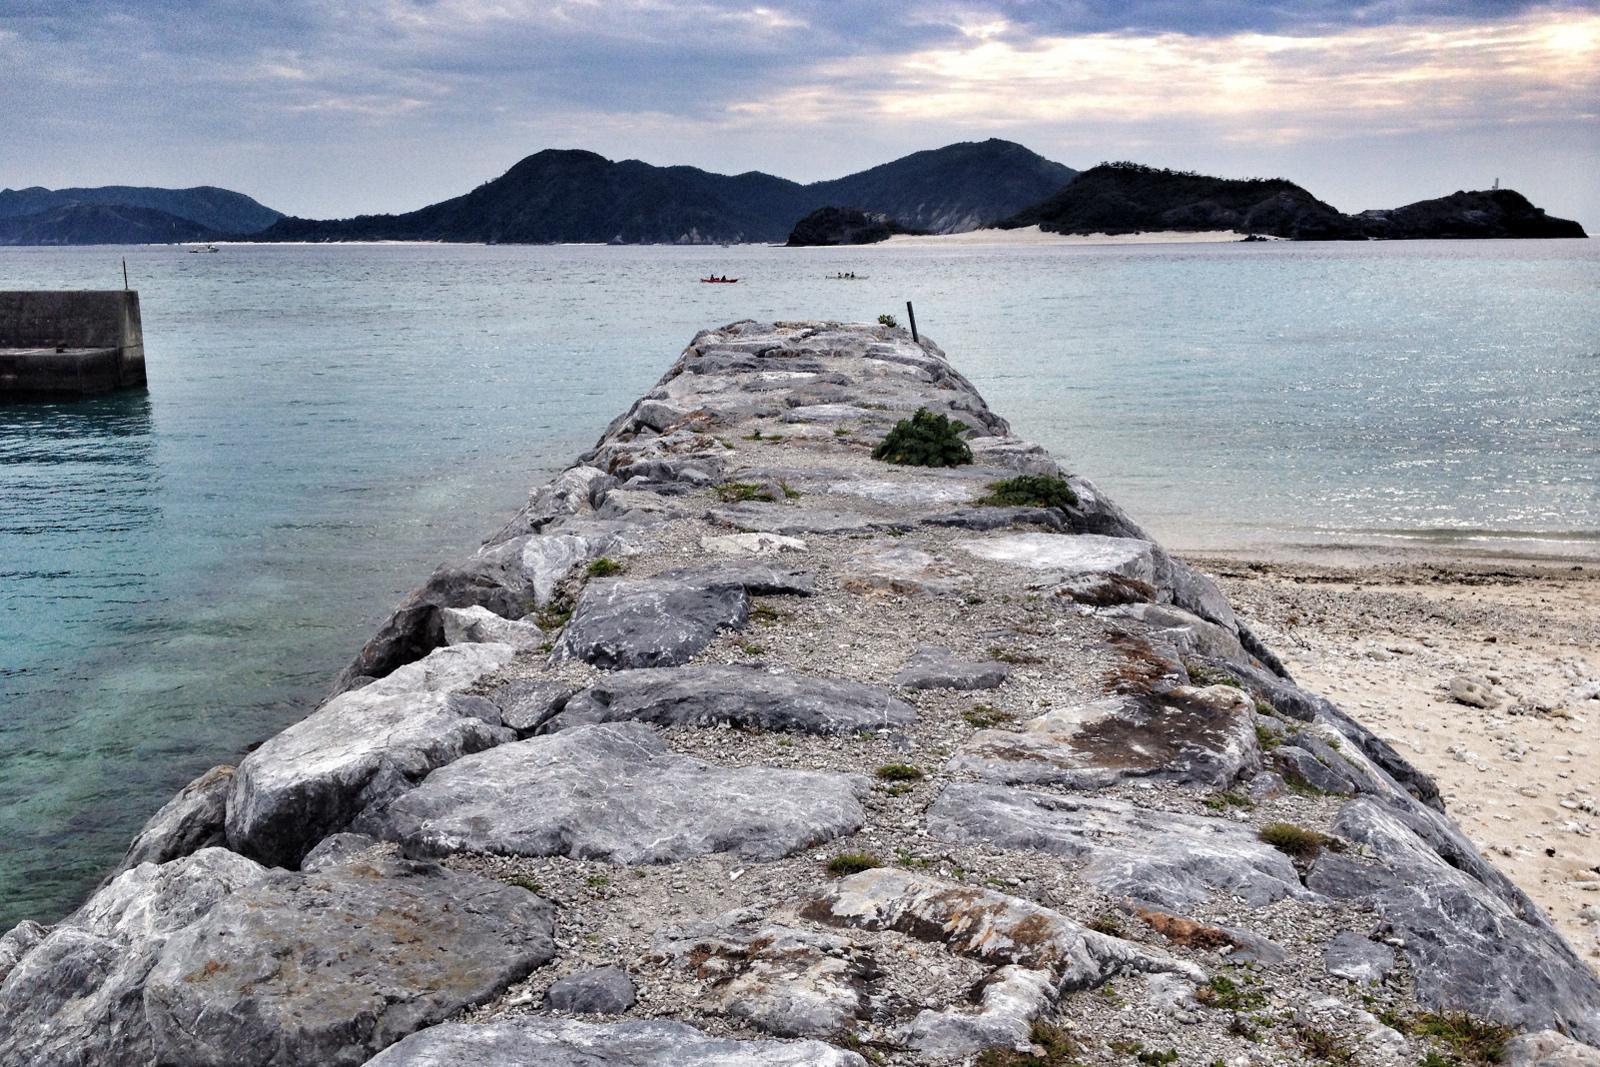 Plaża na wyspie Zamami, Kerama Islands, Okinawa, Japonia